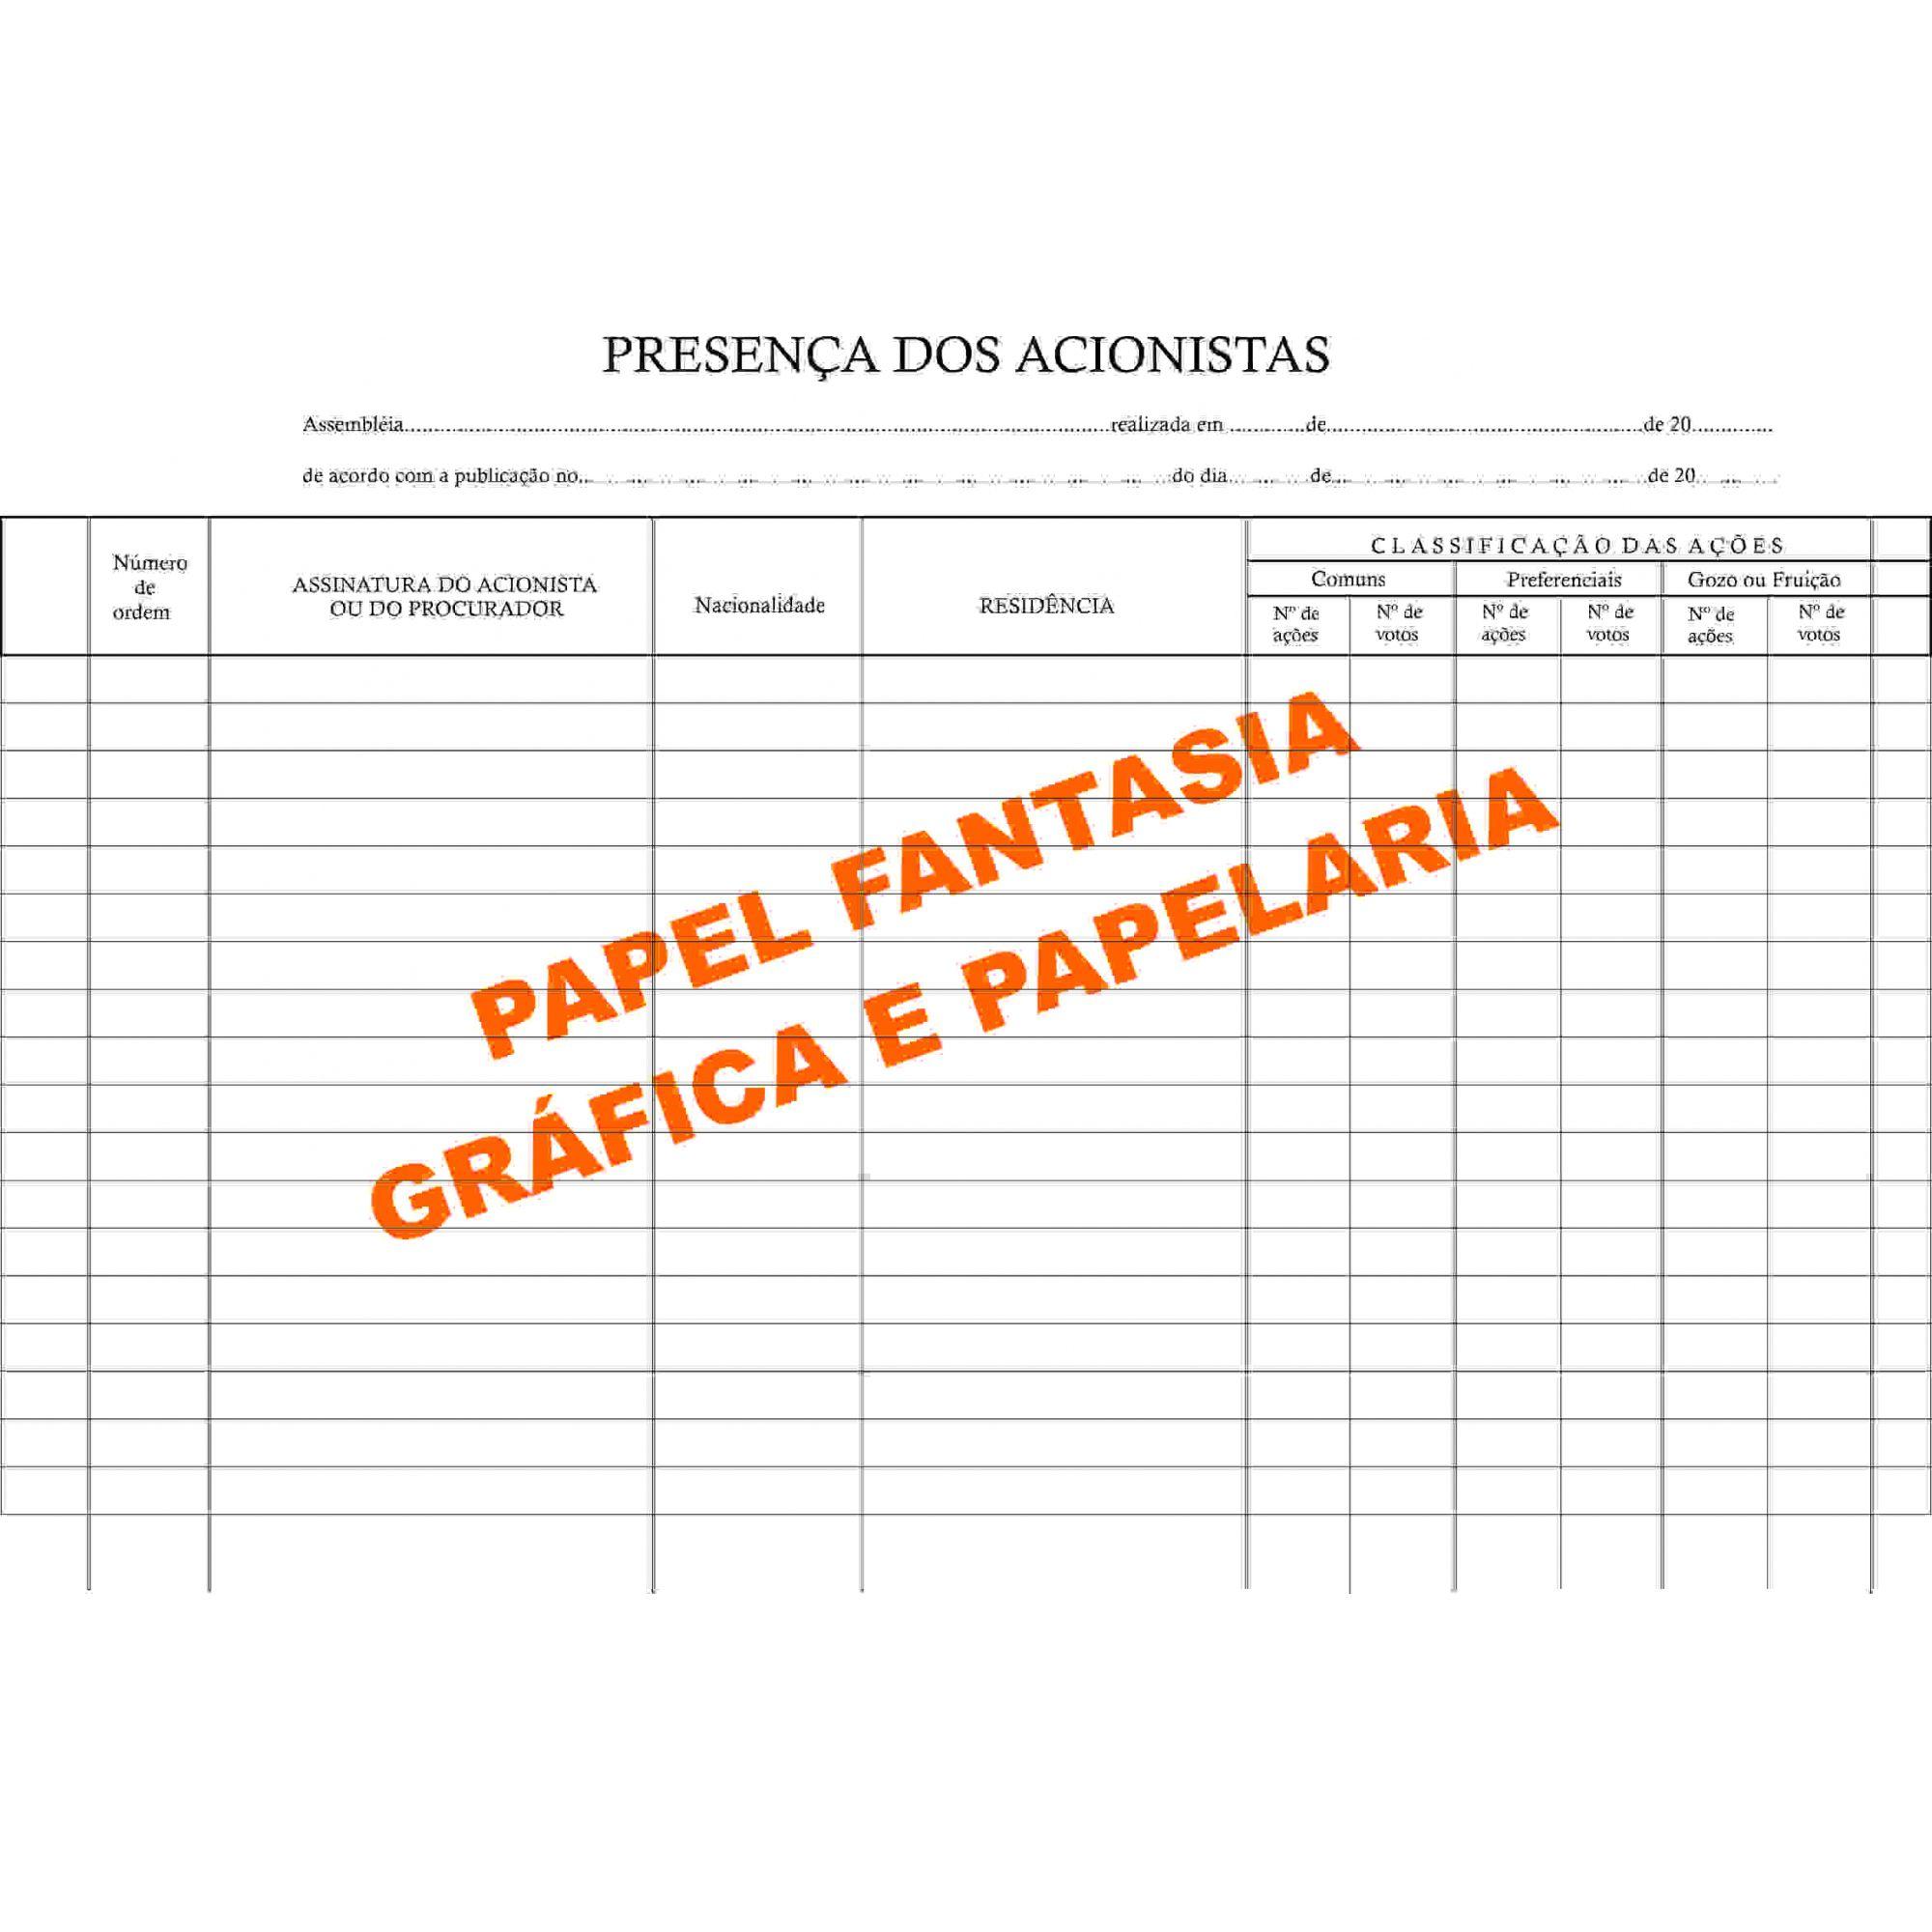 Livro Registro de Presença dos Acionistas 100 Folhas ( Papelfantasia)